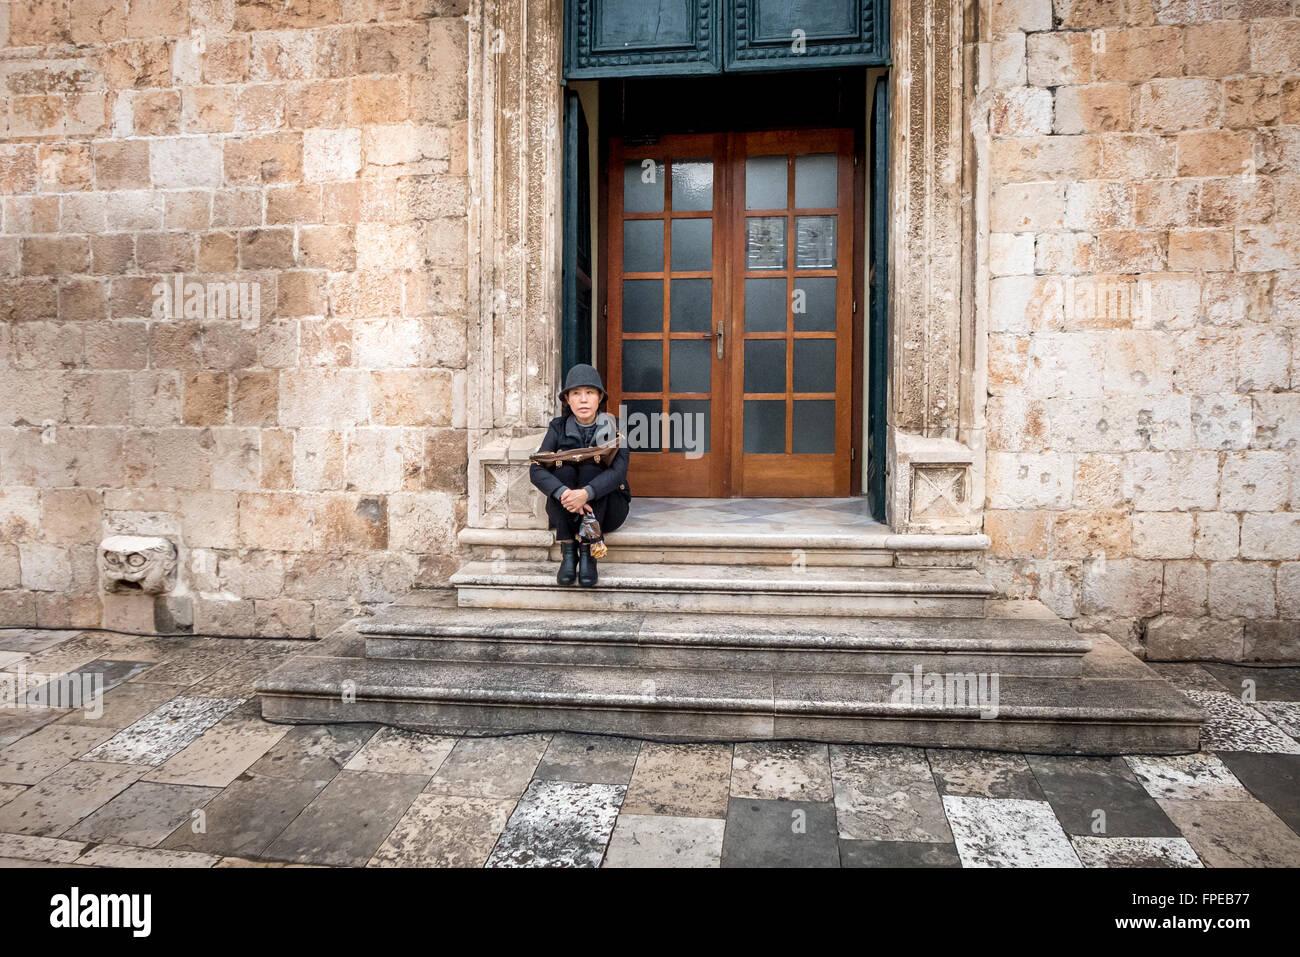 Ein Tourist auf Stufen in der Altstadt von Dubrovnik. Stockbild